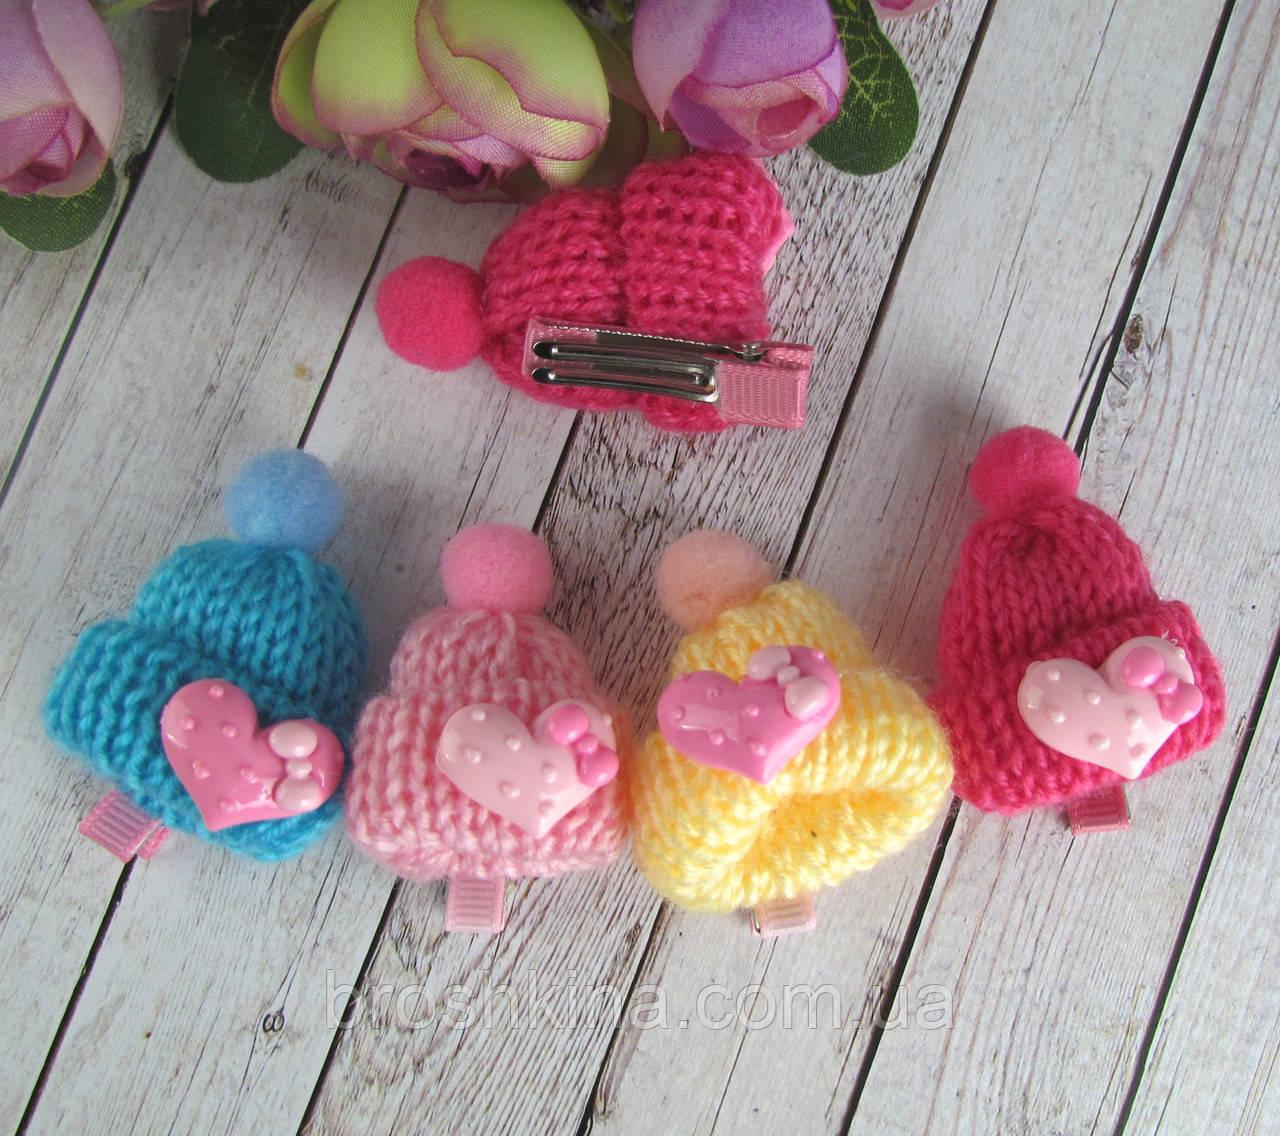 Заколки для волос детские с вязаной шапочкой 10 шт/уп